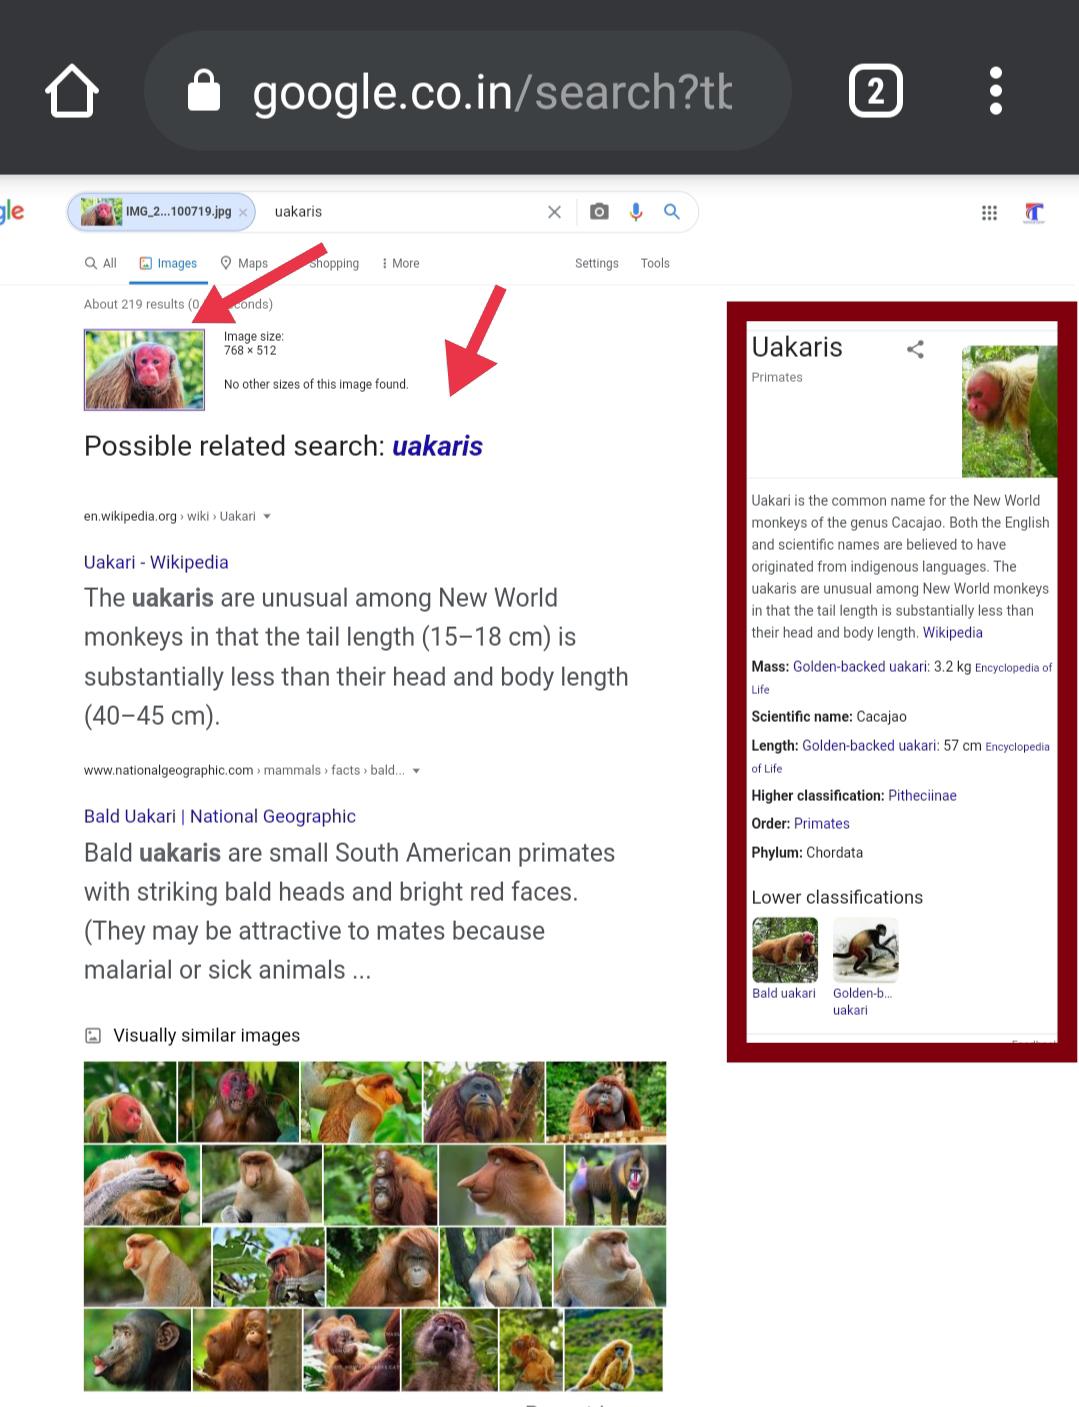 Find details using Google image